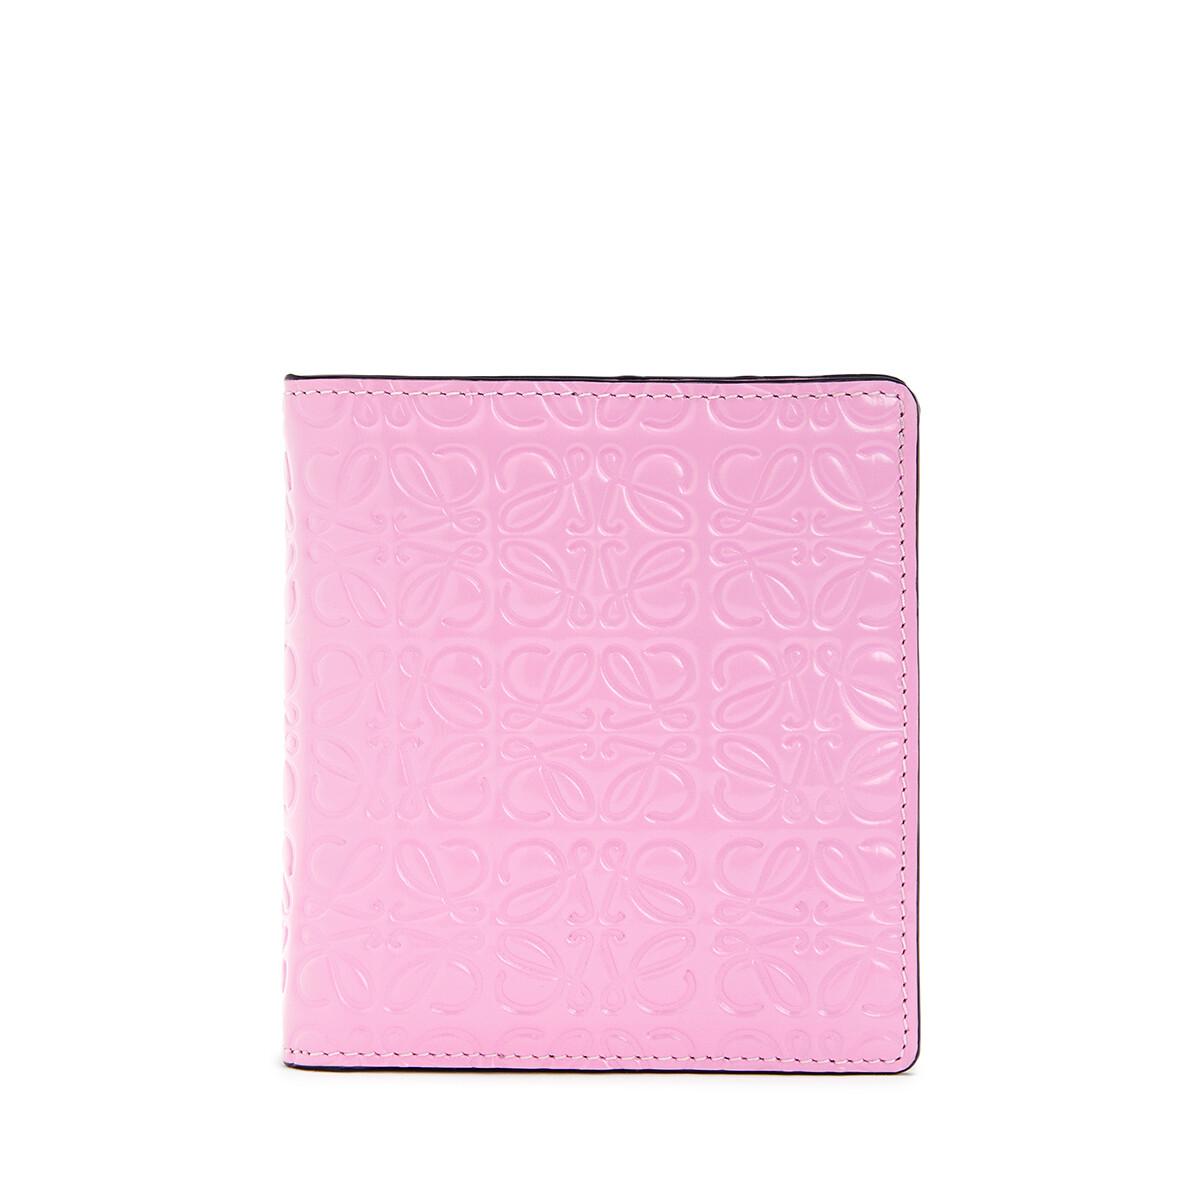 「LOEWE(ロエベ)」オススメの二つ折り財布